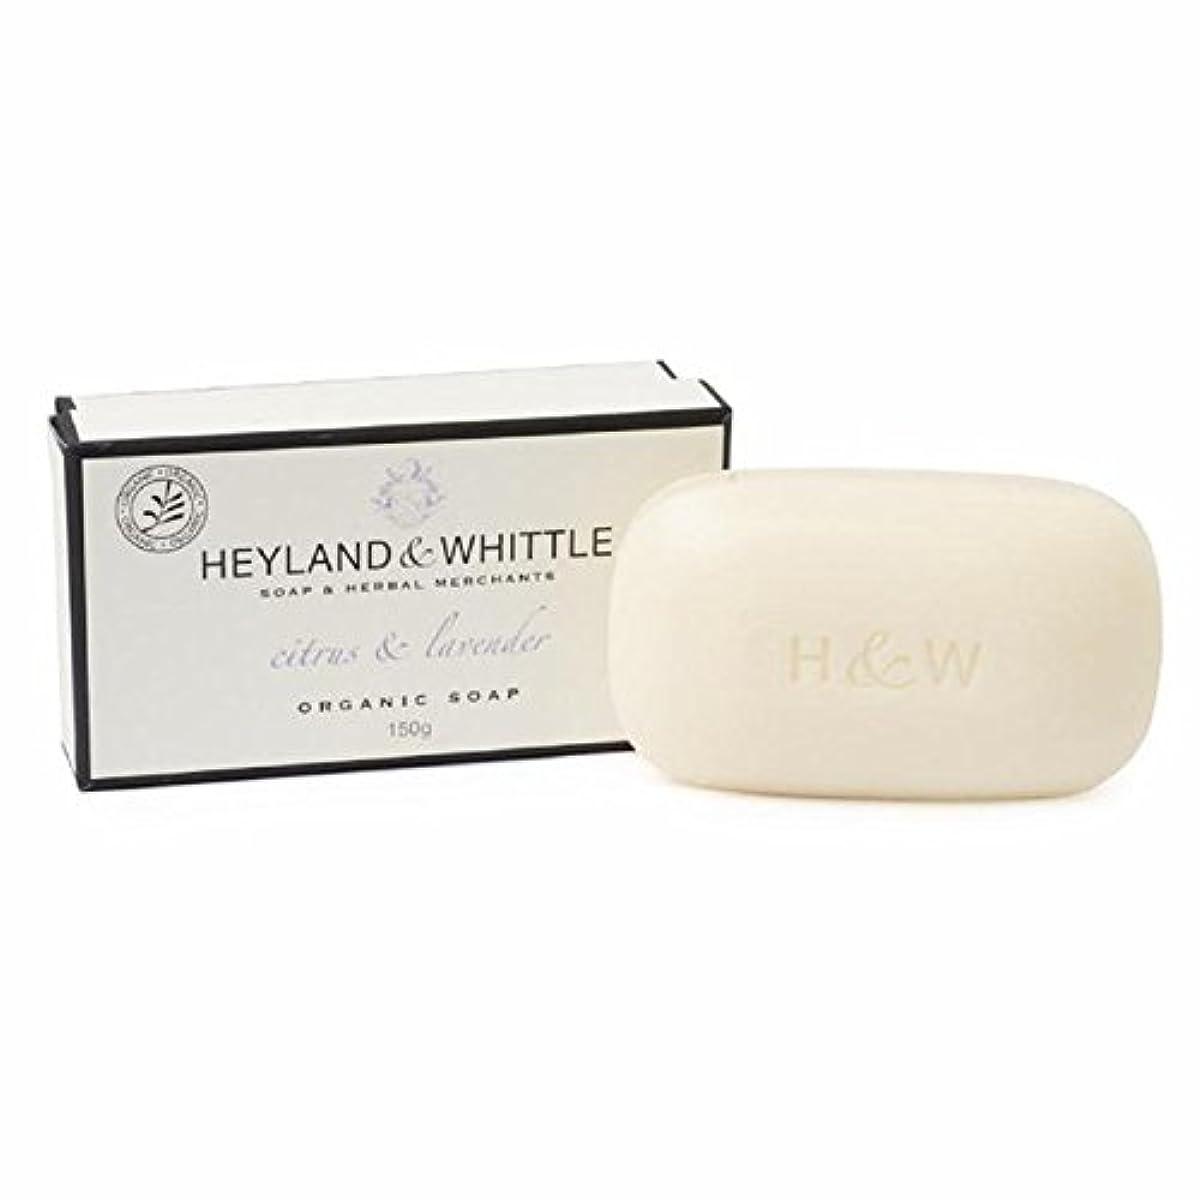 反逆支配するのためHeyland & Whittle Citrus & Lavender Boxed Organic Soap 150g - &削るシトラス&ラベンダーは、有機石鹸150グラム箱入り [並行輸入品]